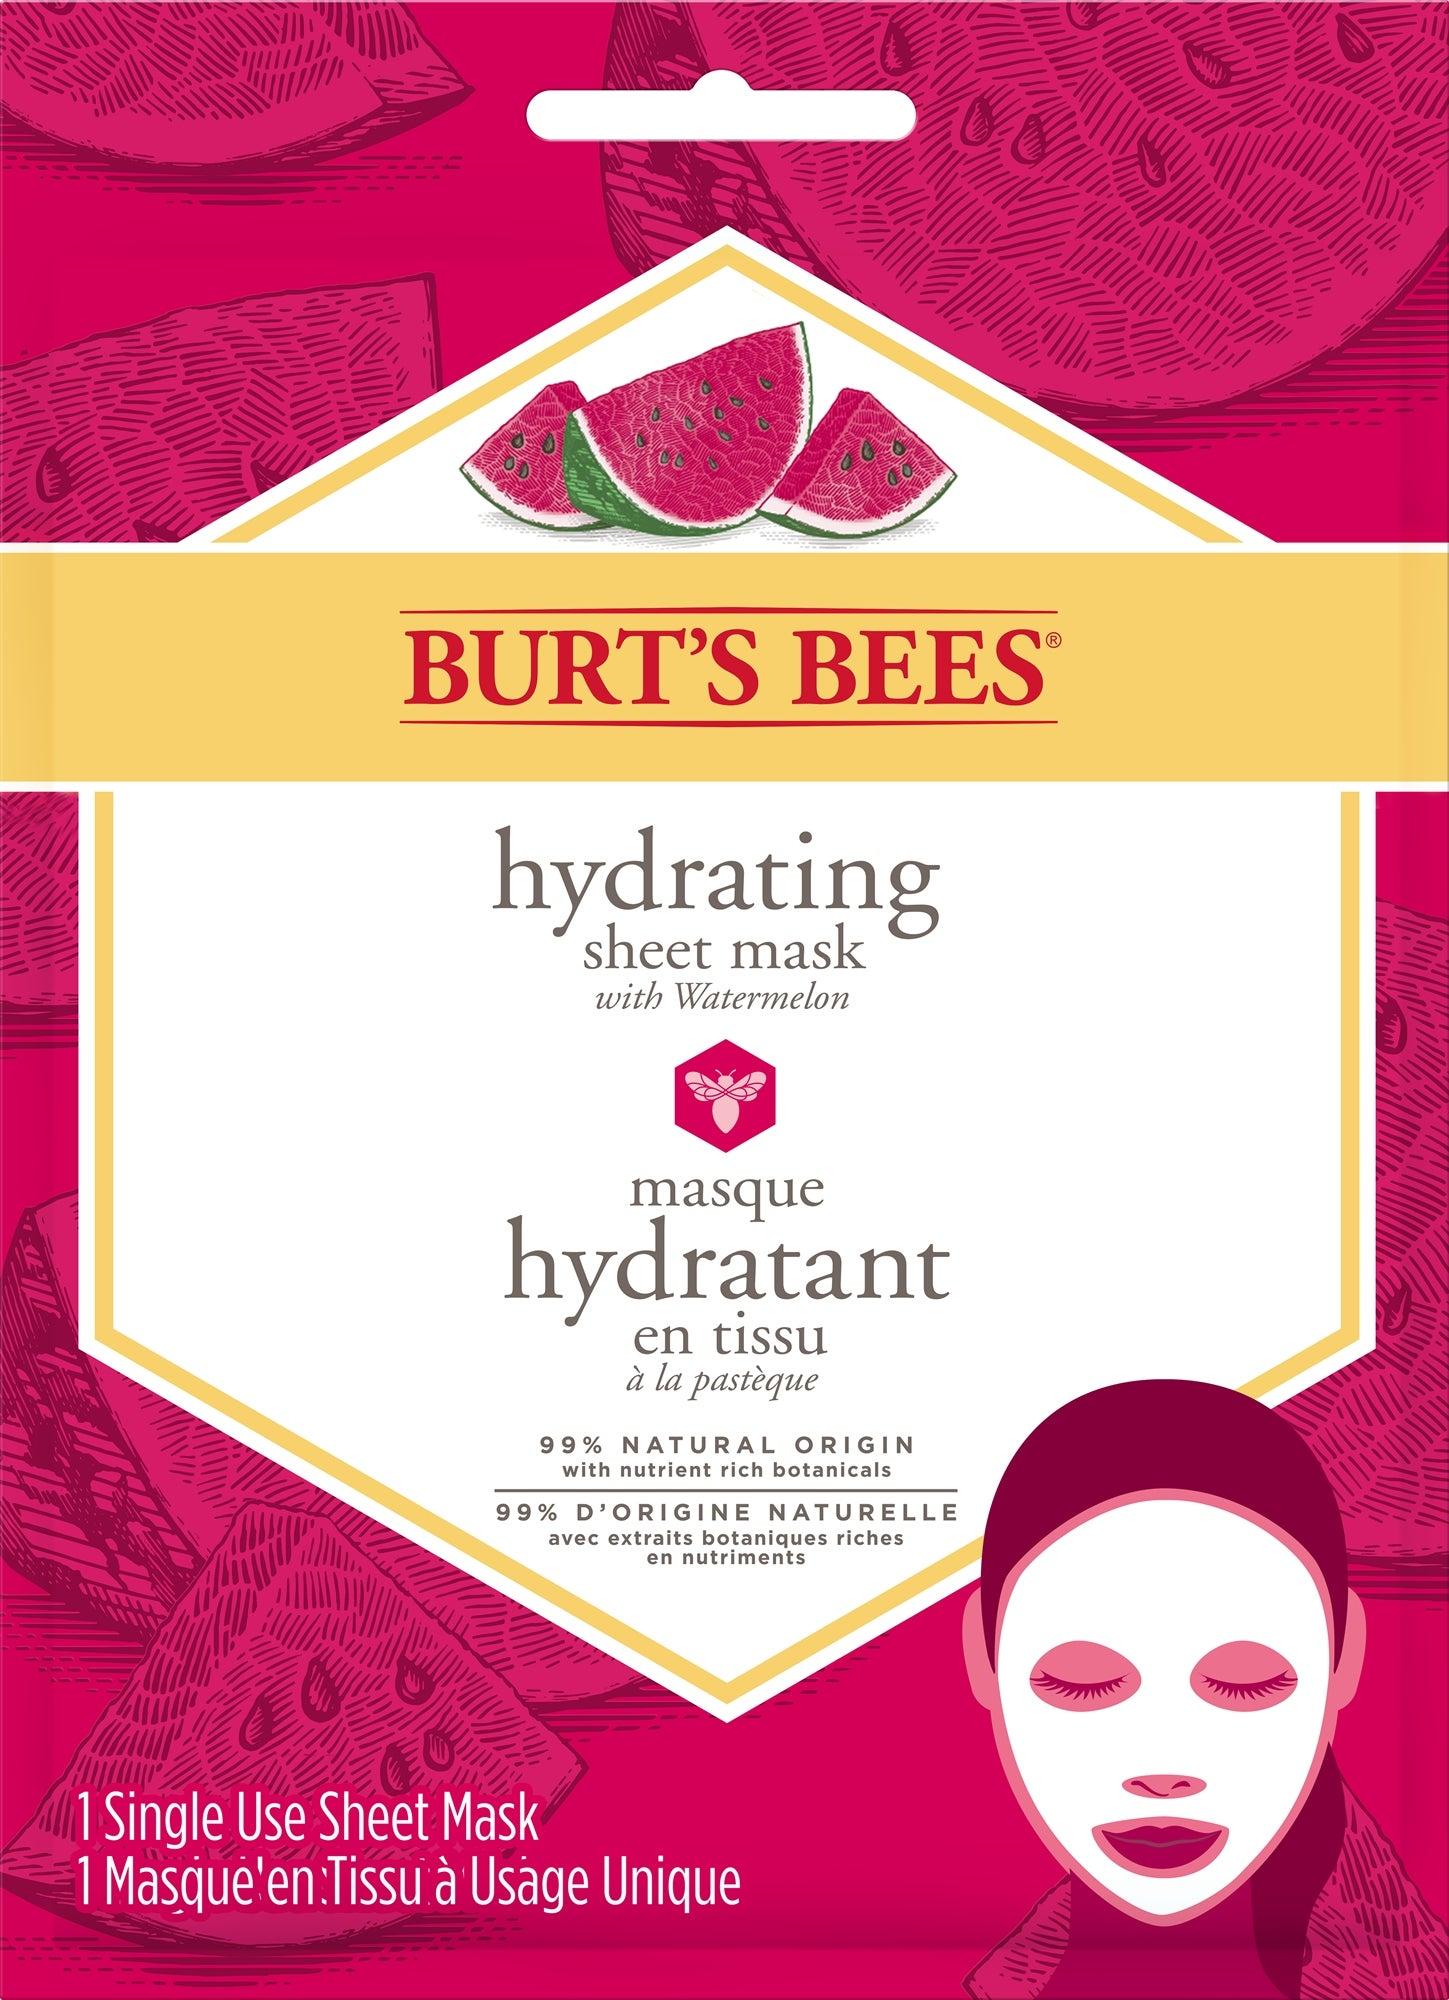 NI-46213_BBu_FCE_PCH_Hydrating_Watermelon_Mask_FRONT_15-08-19-0959